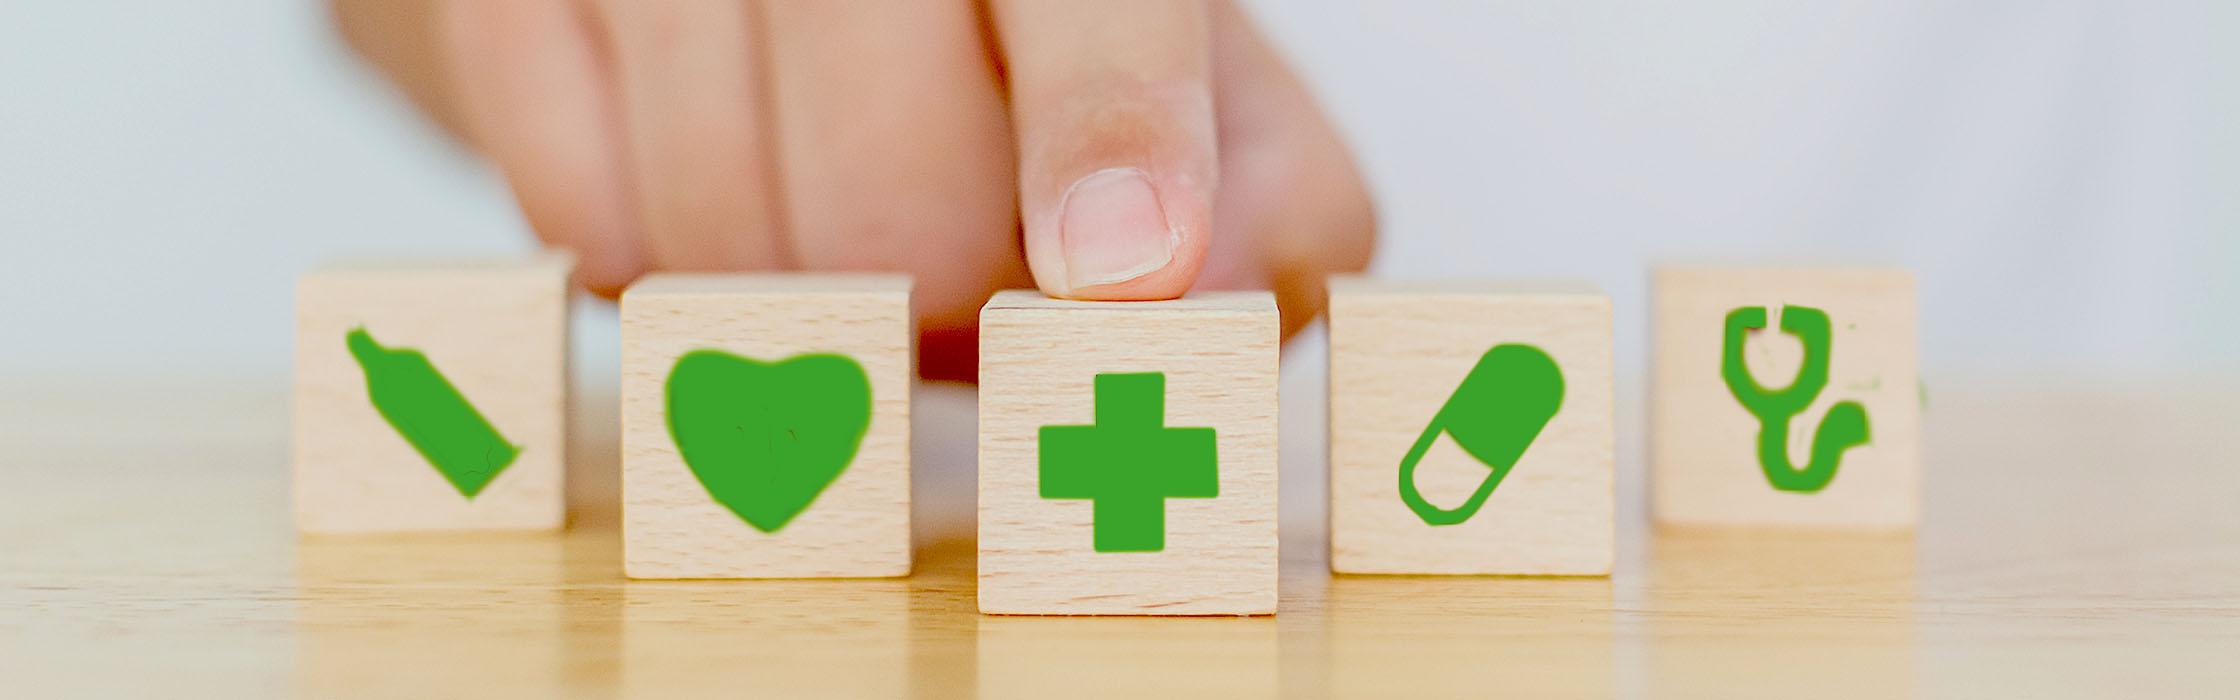 Doigt sur un cube avec une croix verte